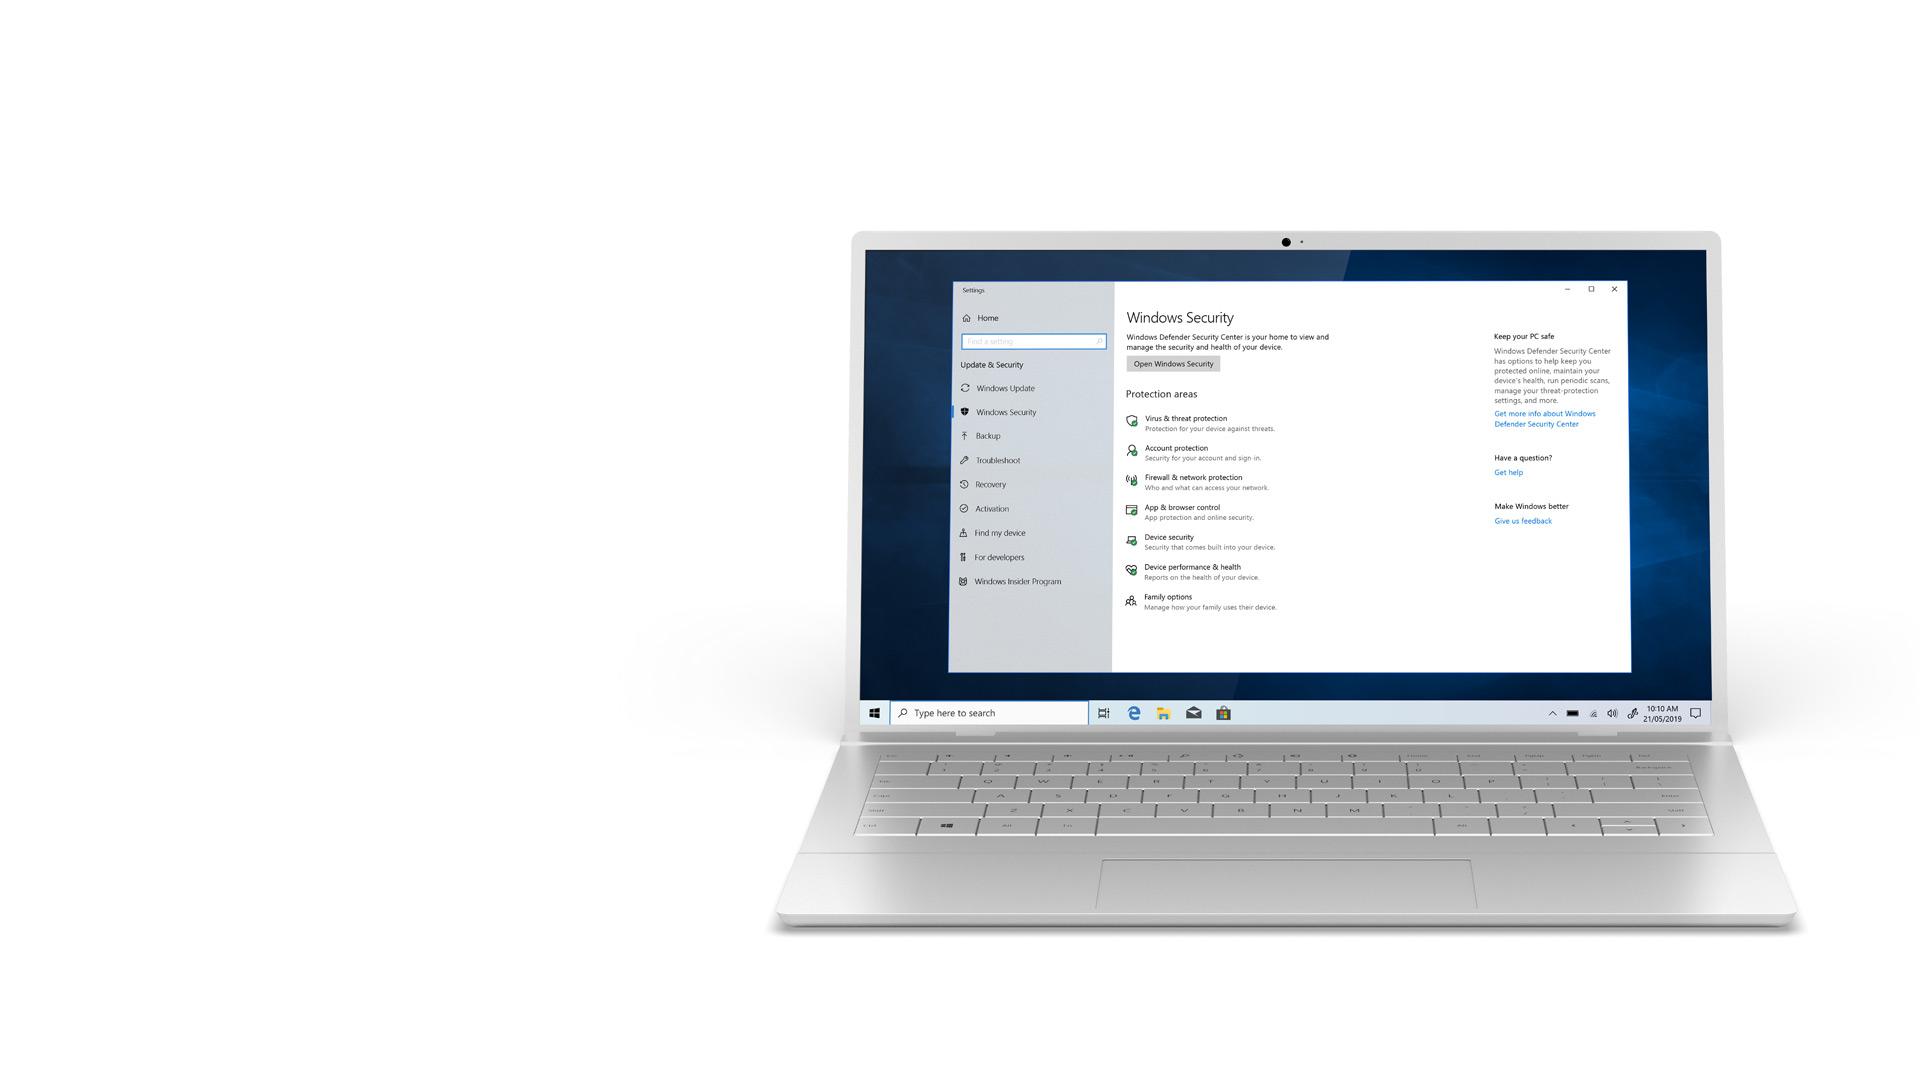 Prenosnik s sistemom Windows 10, ki prikazuje zaslon središča za varnost sistema Windows 10